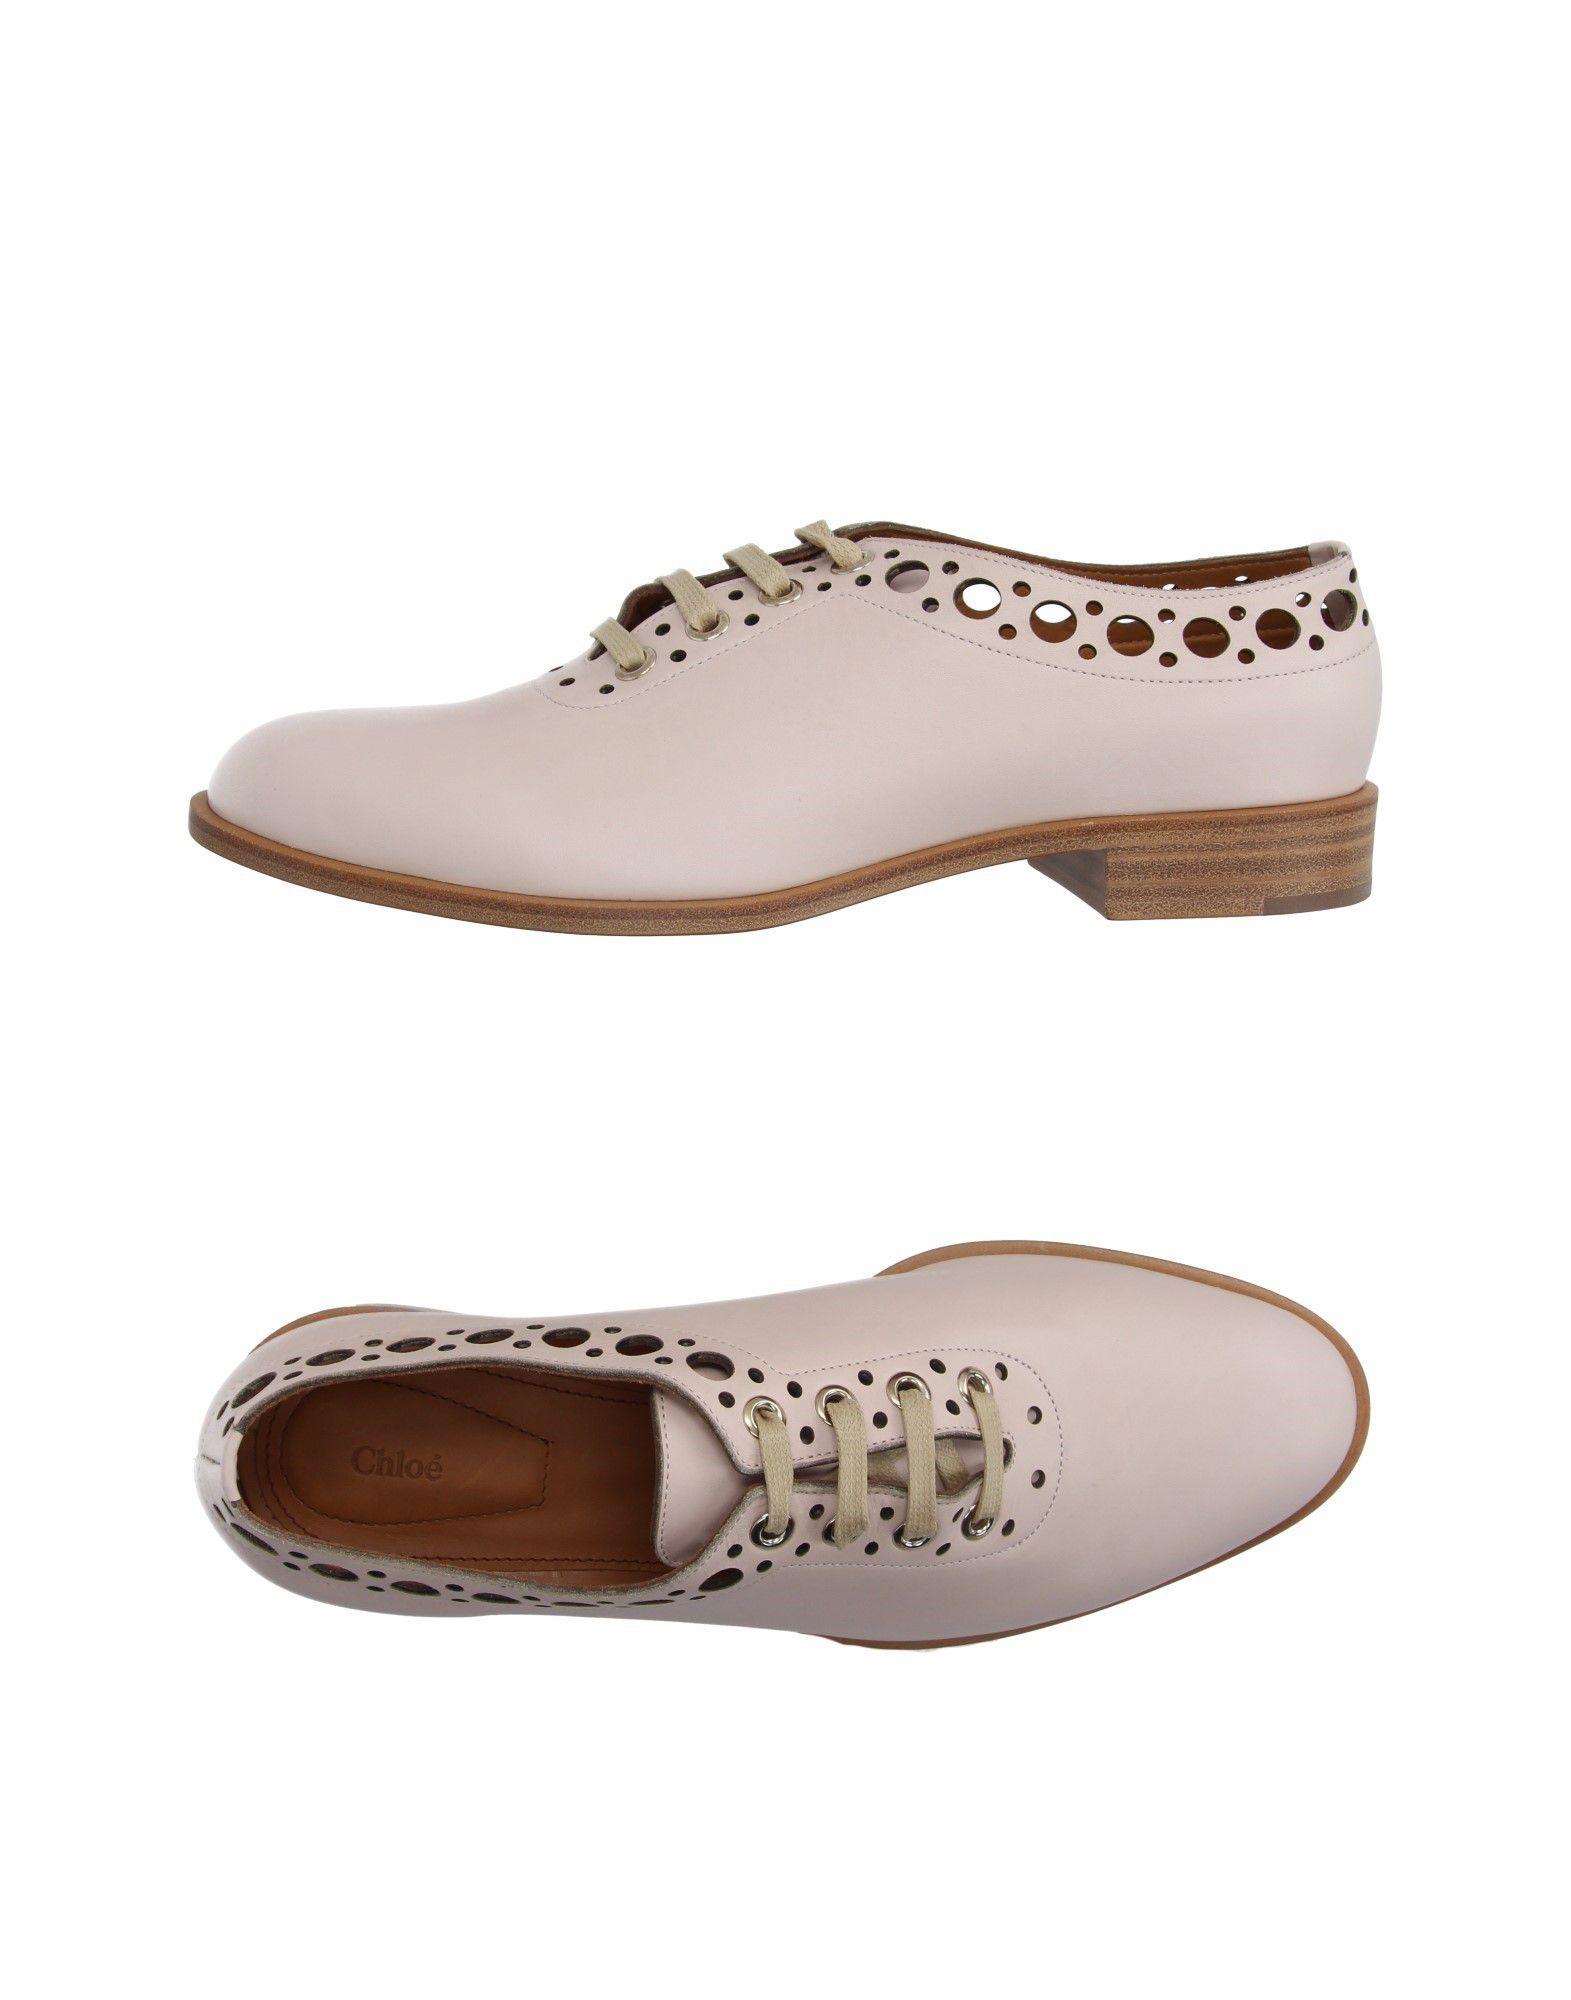 Фото - CHLOÉ Обувь на шнурках обувь на высокой платформе dkny